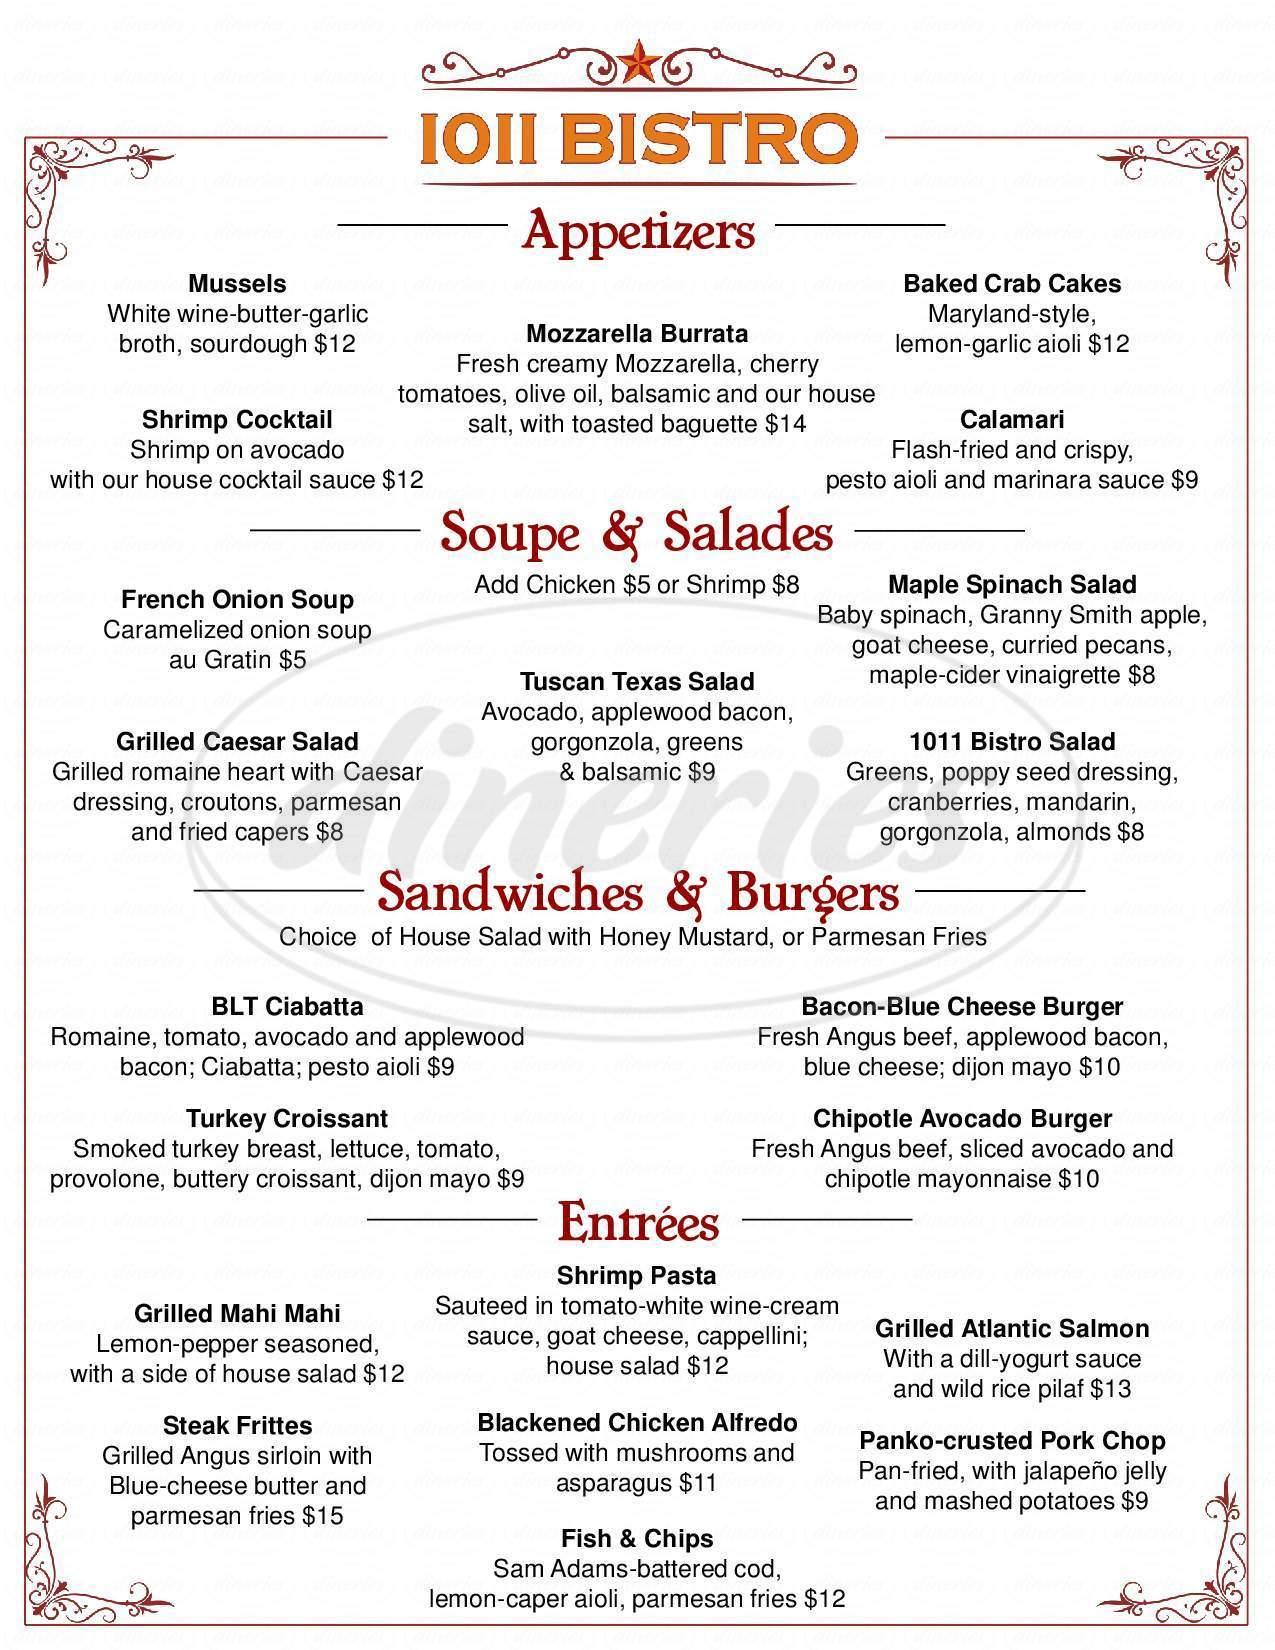 menu for 1011 Bistro